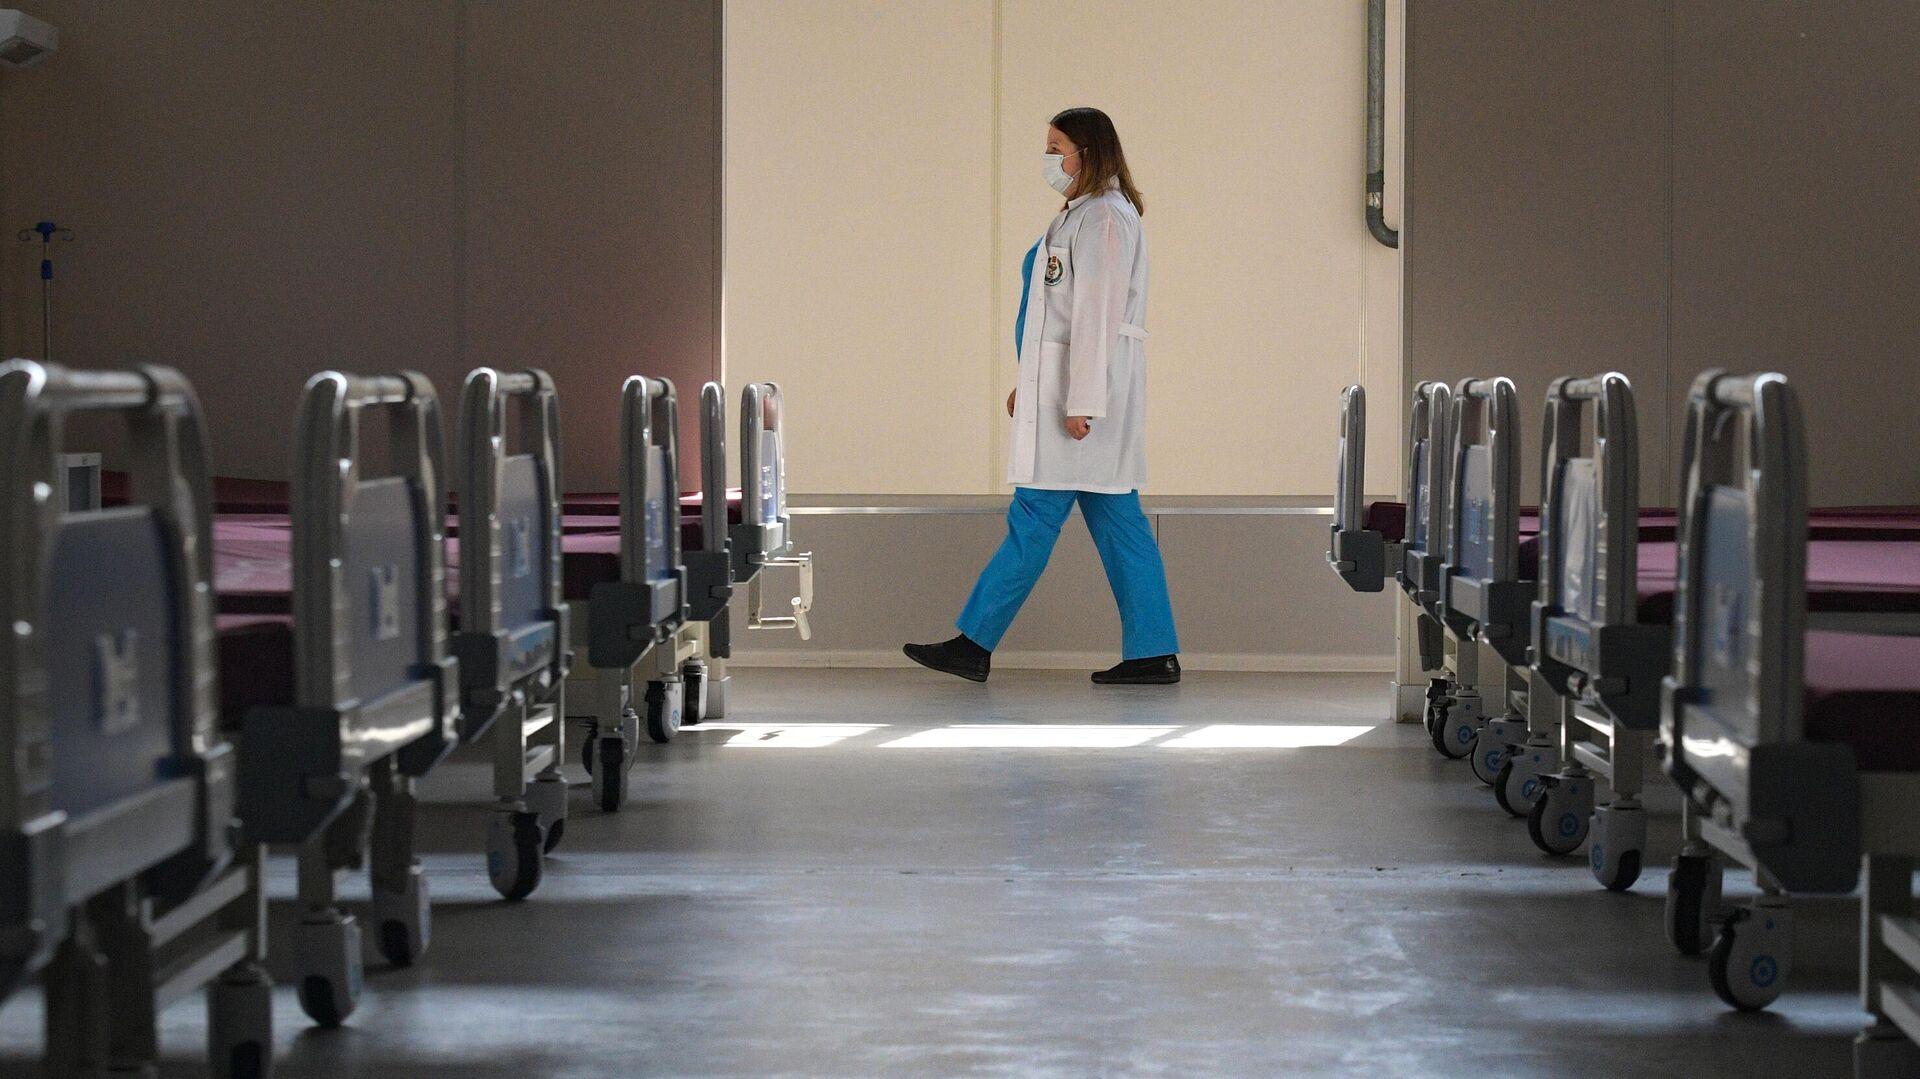 Медицинский работник в госпитале Ленэкспо в Санкт-Петербурге - РИА Новости, 1920, 09.06.2021